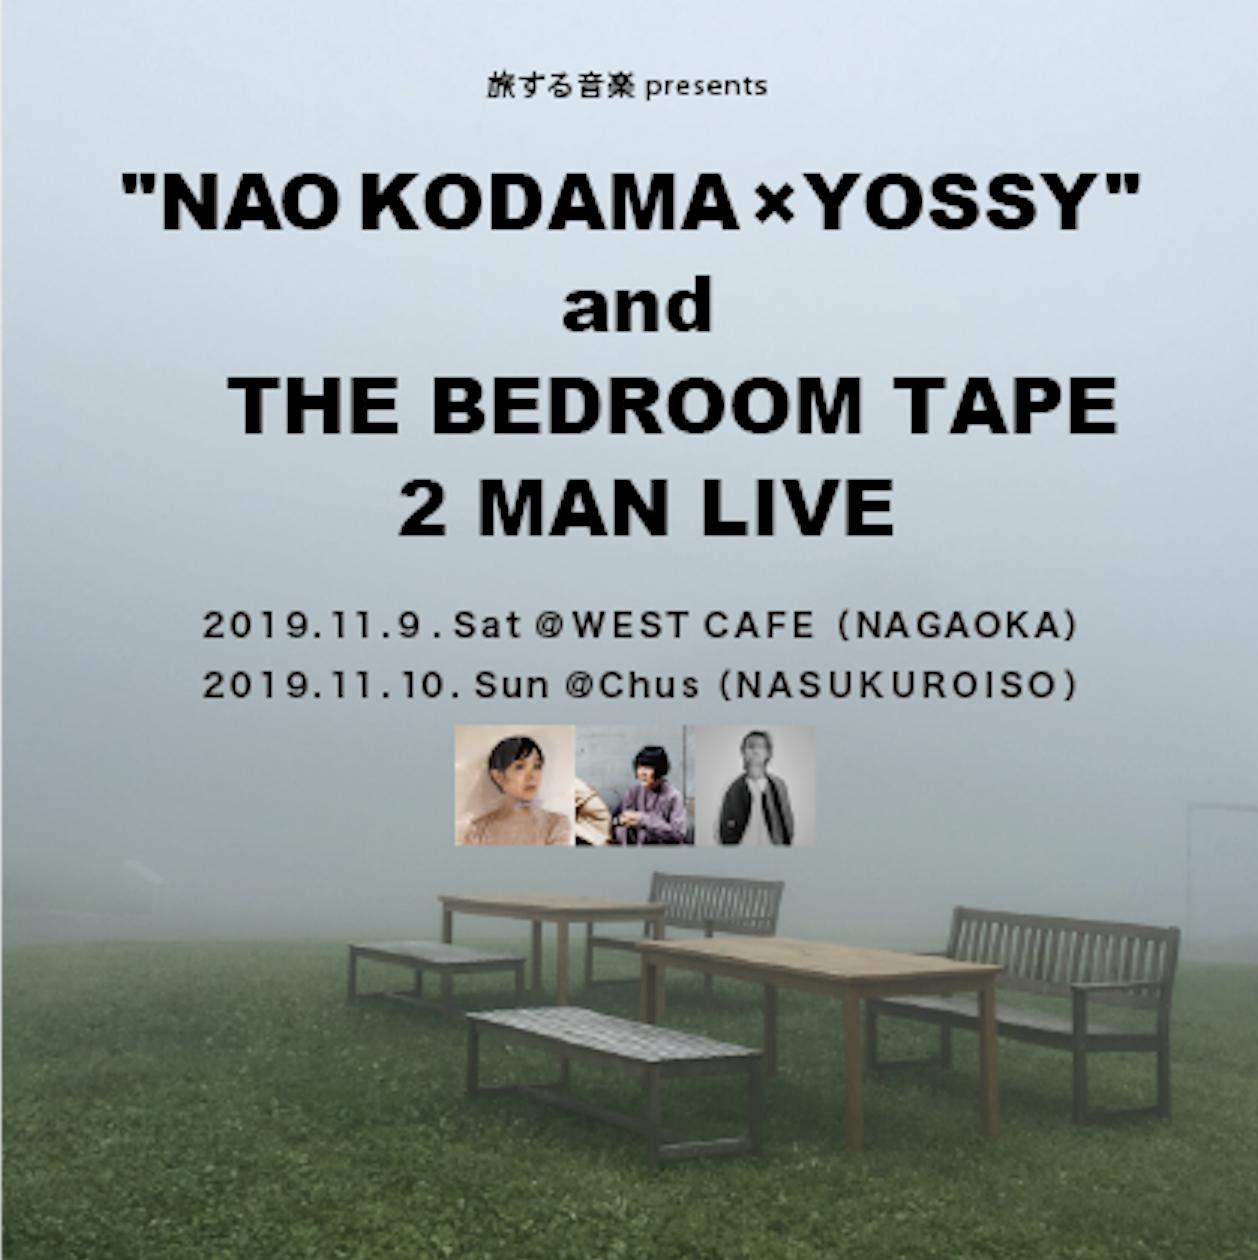 旅する音楽 presents 児玉奈央×YOSSY & THE BEDROOM TAPE [長岡・那須公演]